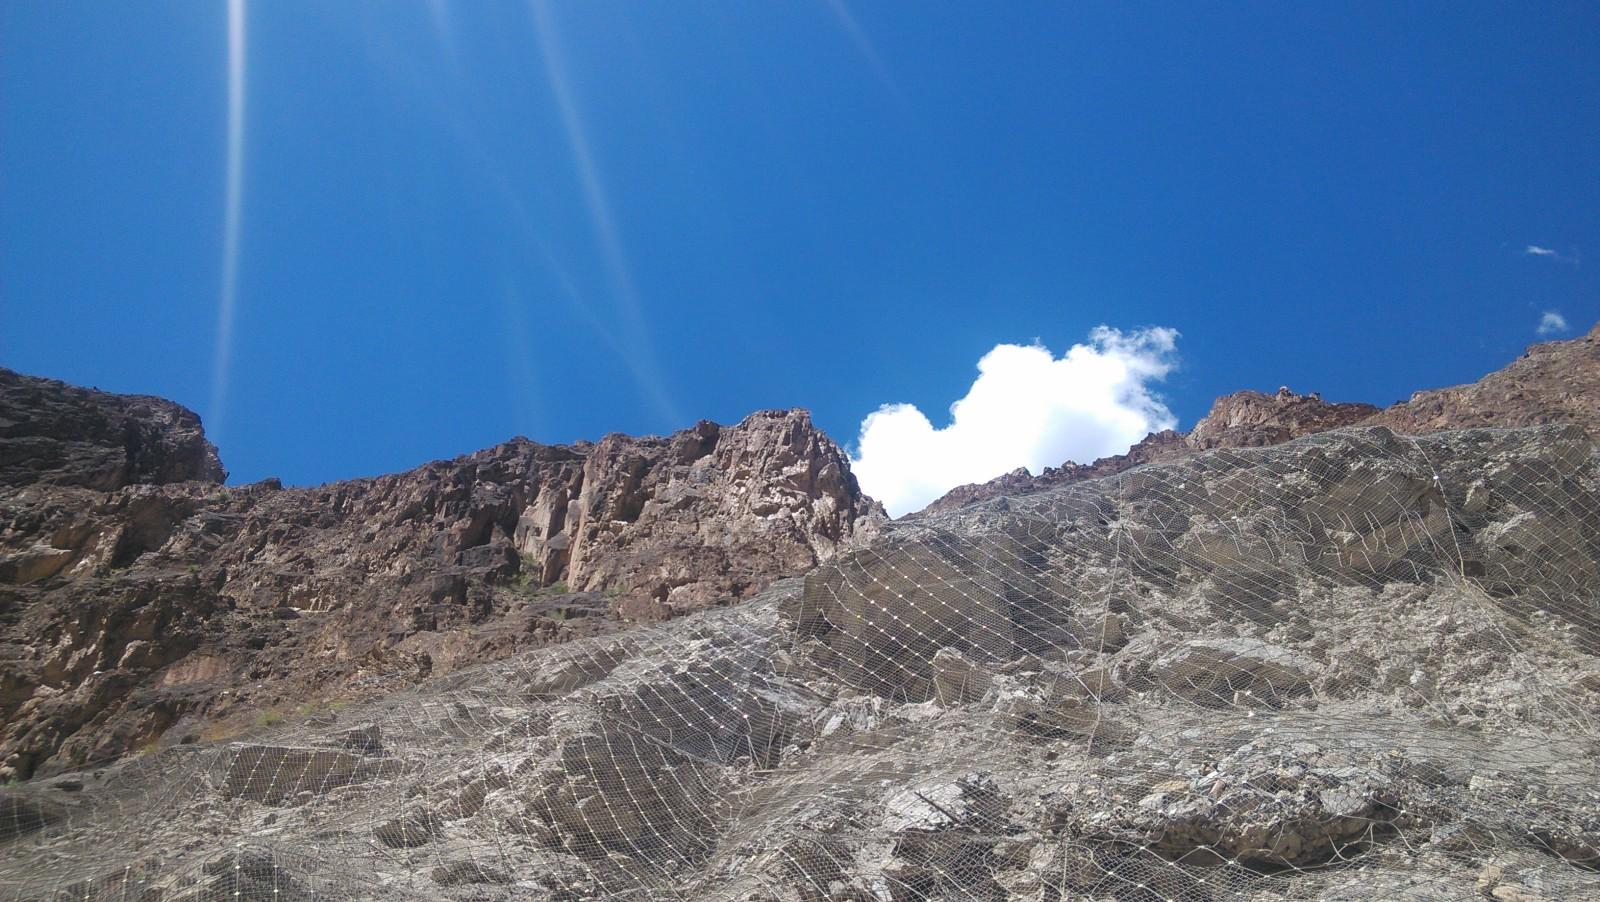 山上的石头被铁丝网网着